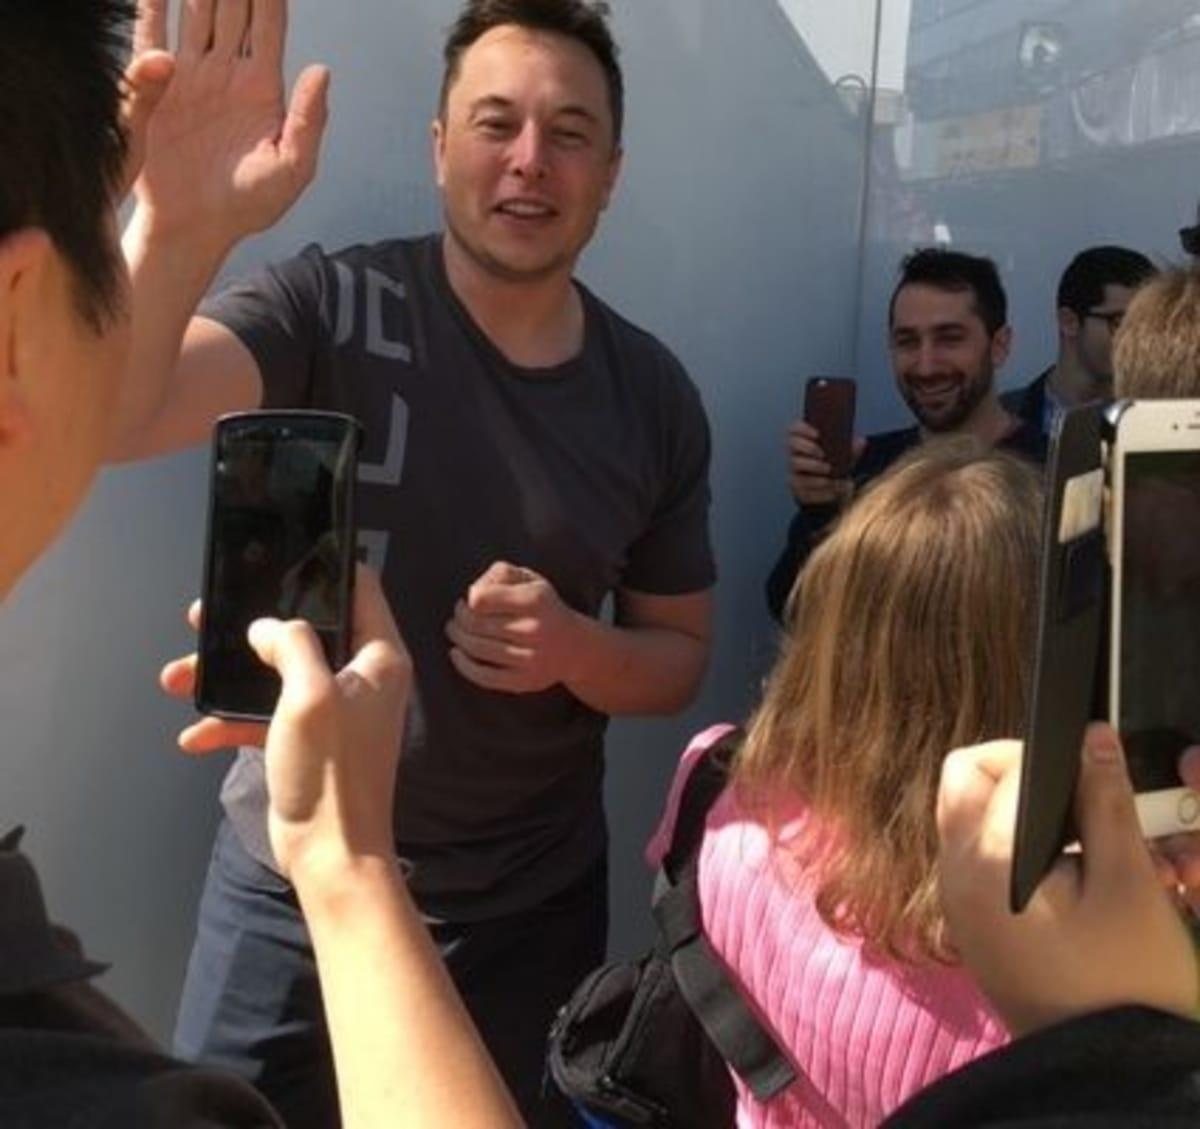 High-fives from Elon Musk (Daniel Mayeda)